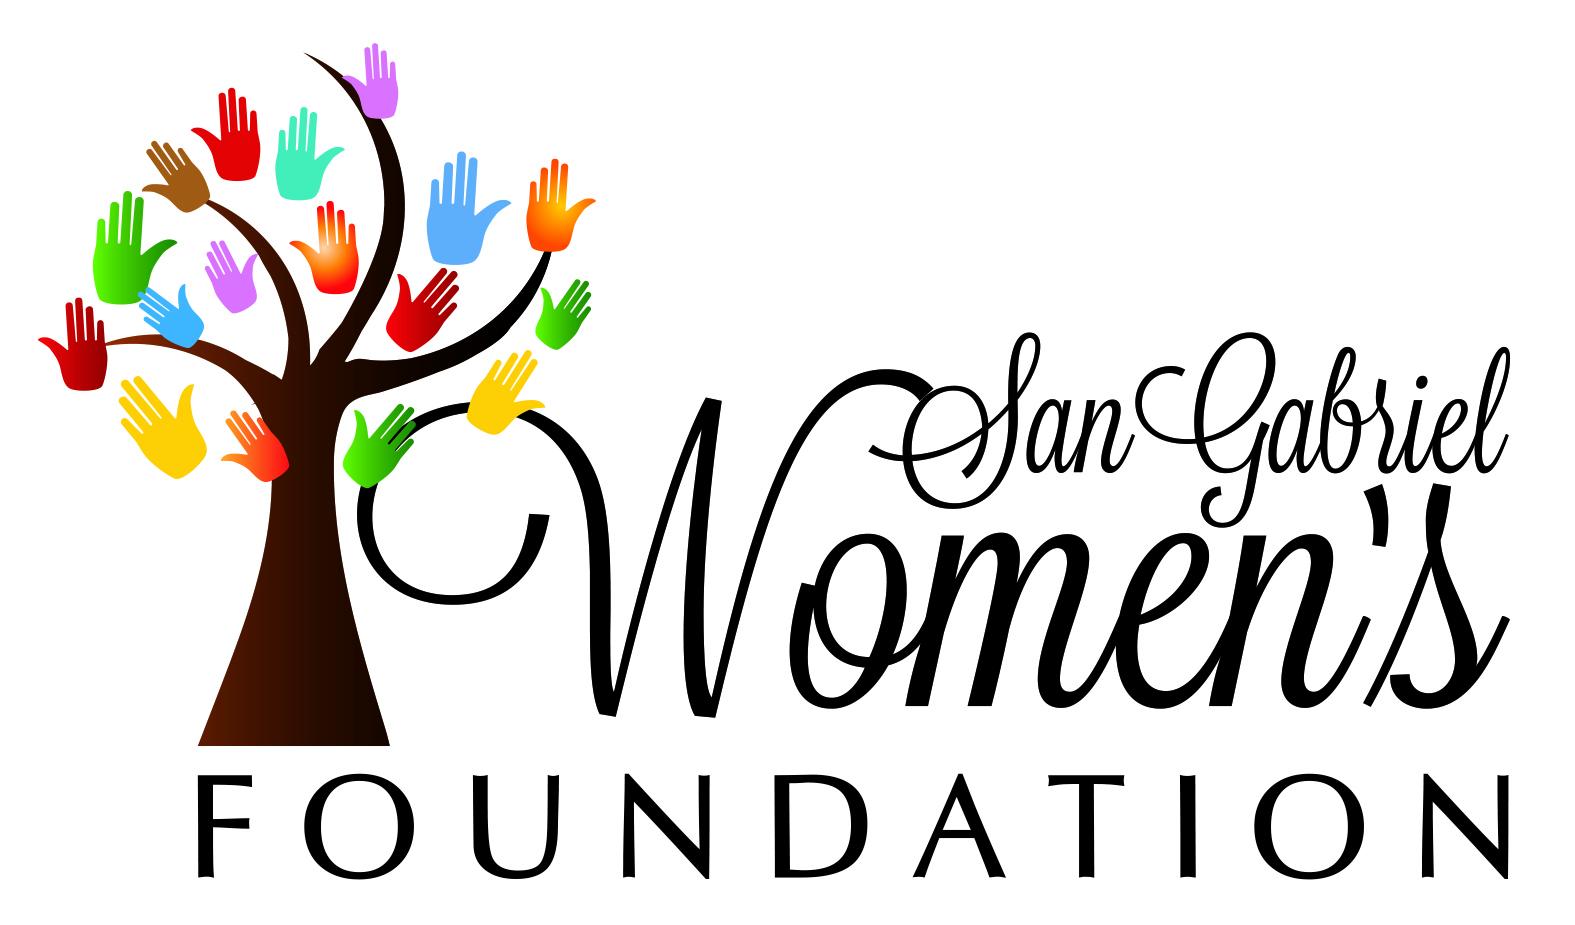 sgwf logo.jpg